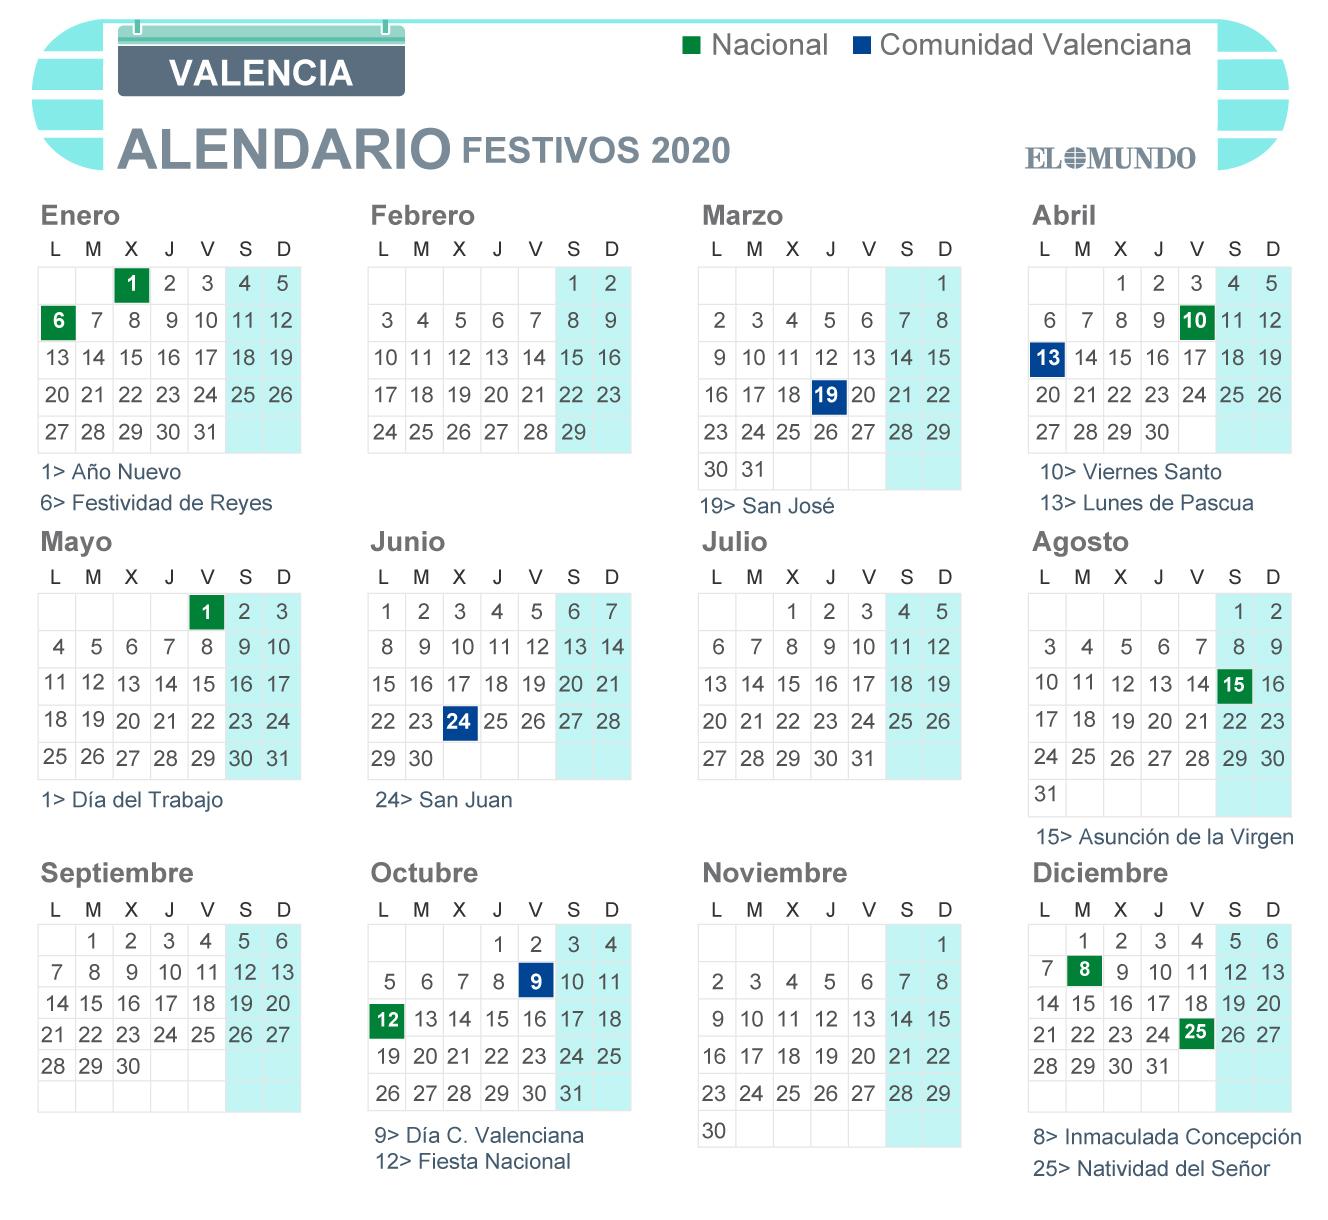 Calendario laboral de la Comunidad Valenciana 2020